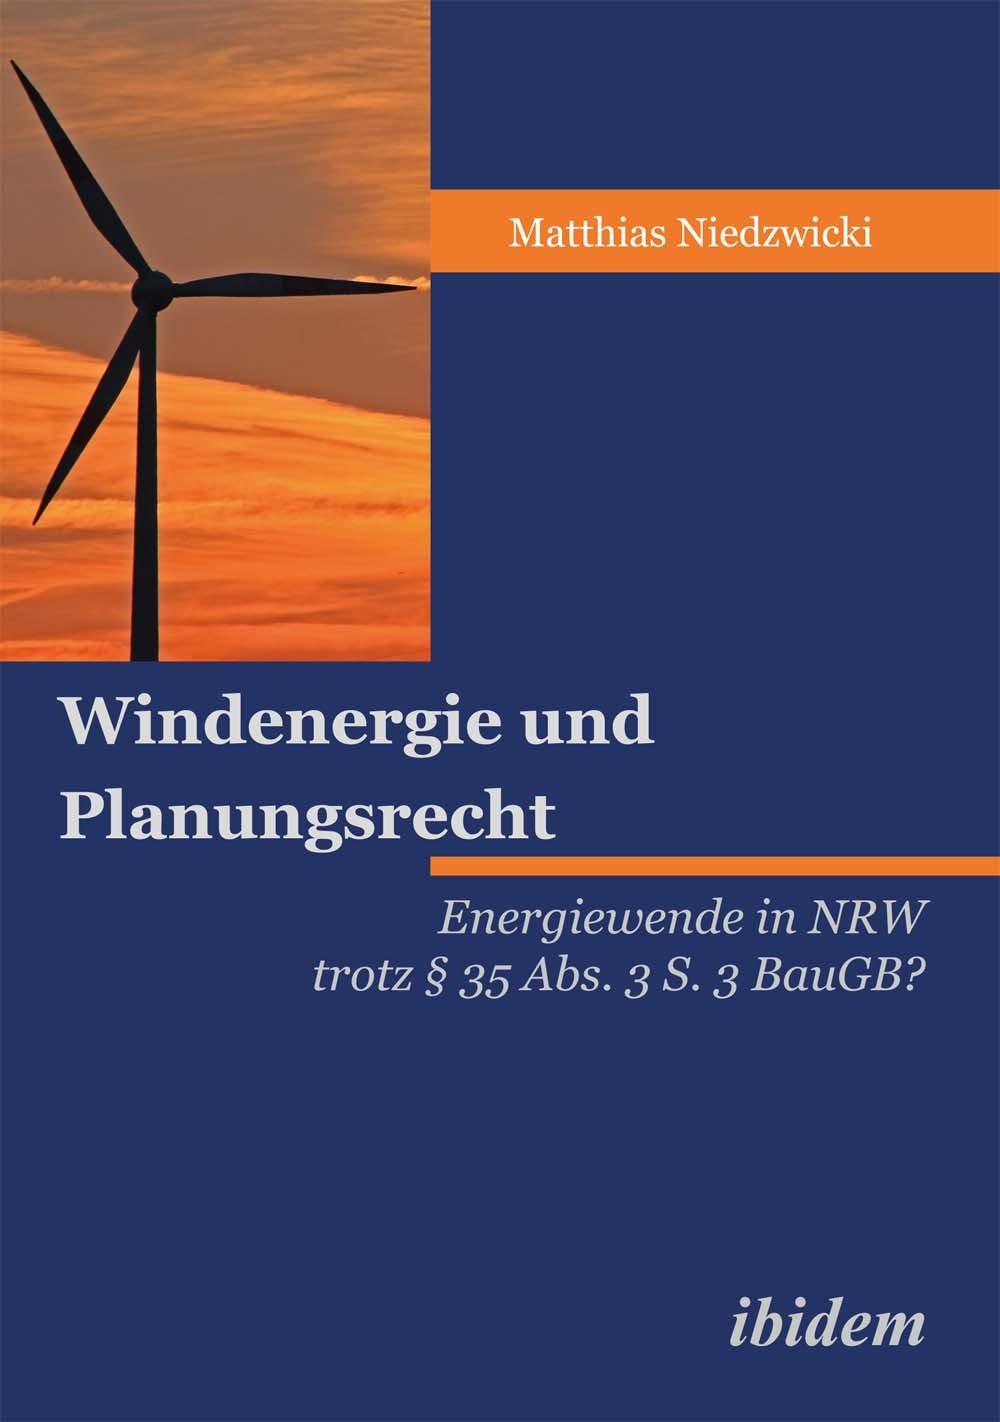 Windenergie und Planungsrecht